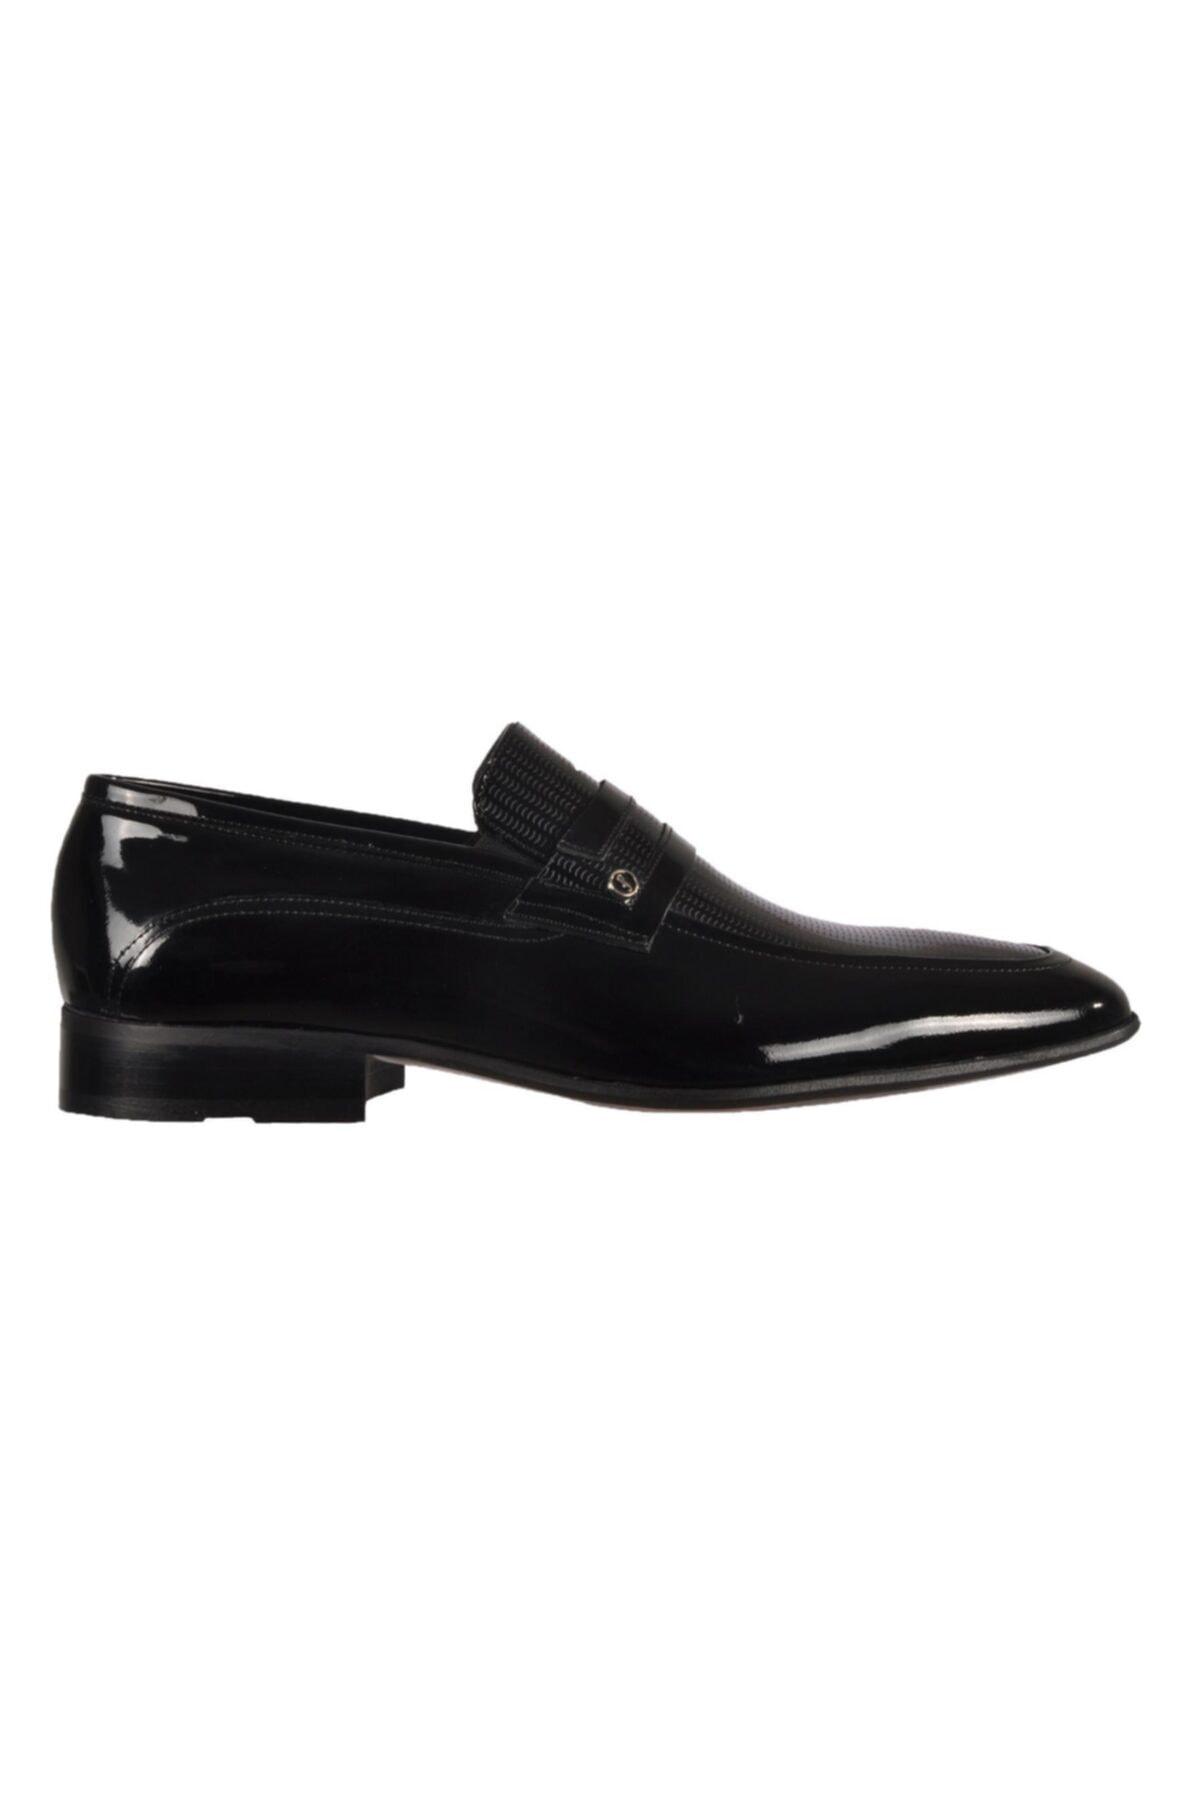 Fosco Siyah Rugan Erkek Hakiki Deri Klasik Ayakkabı 1